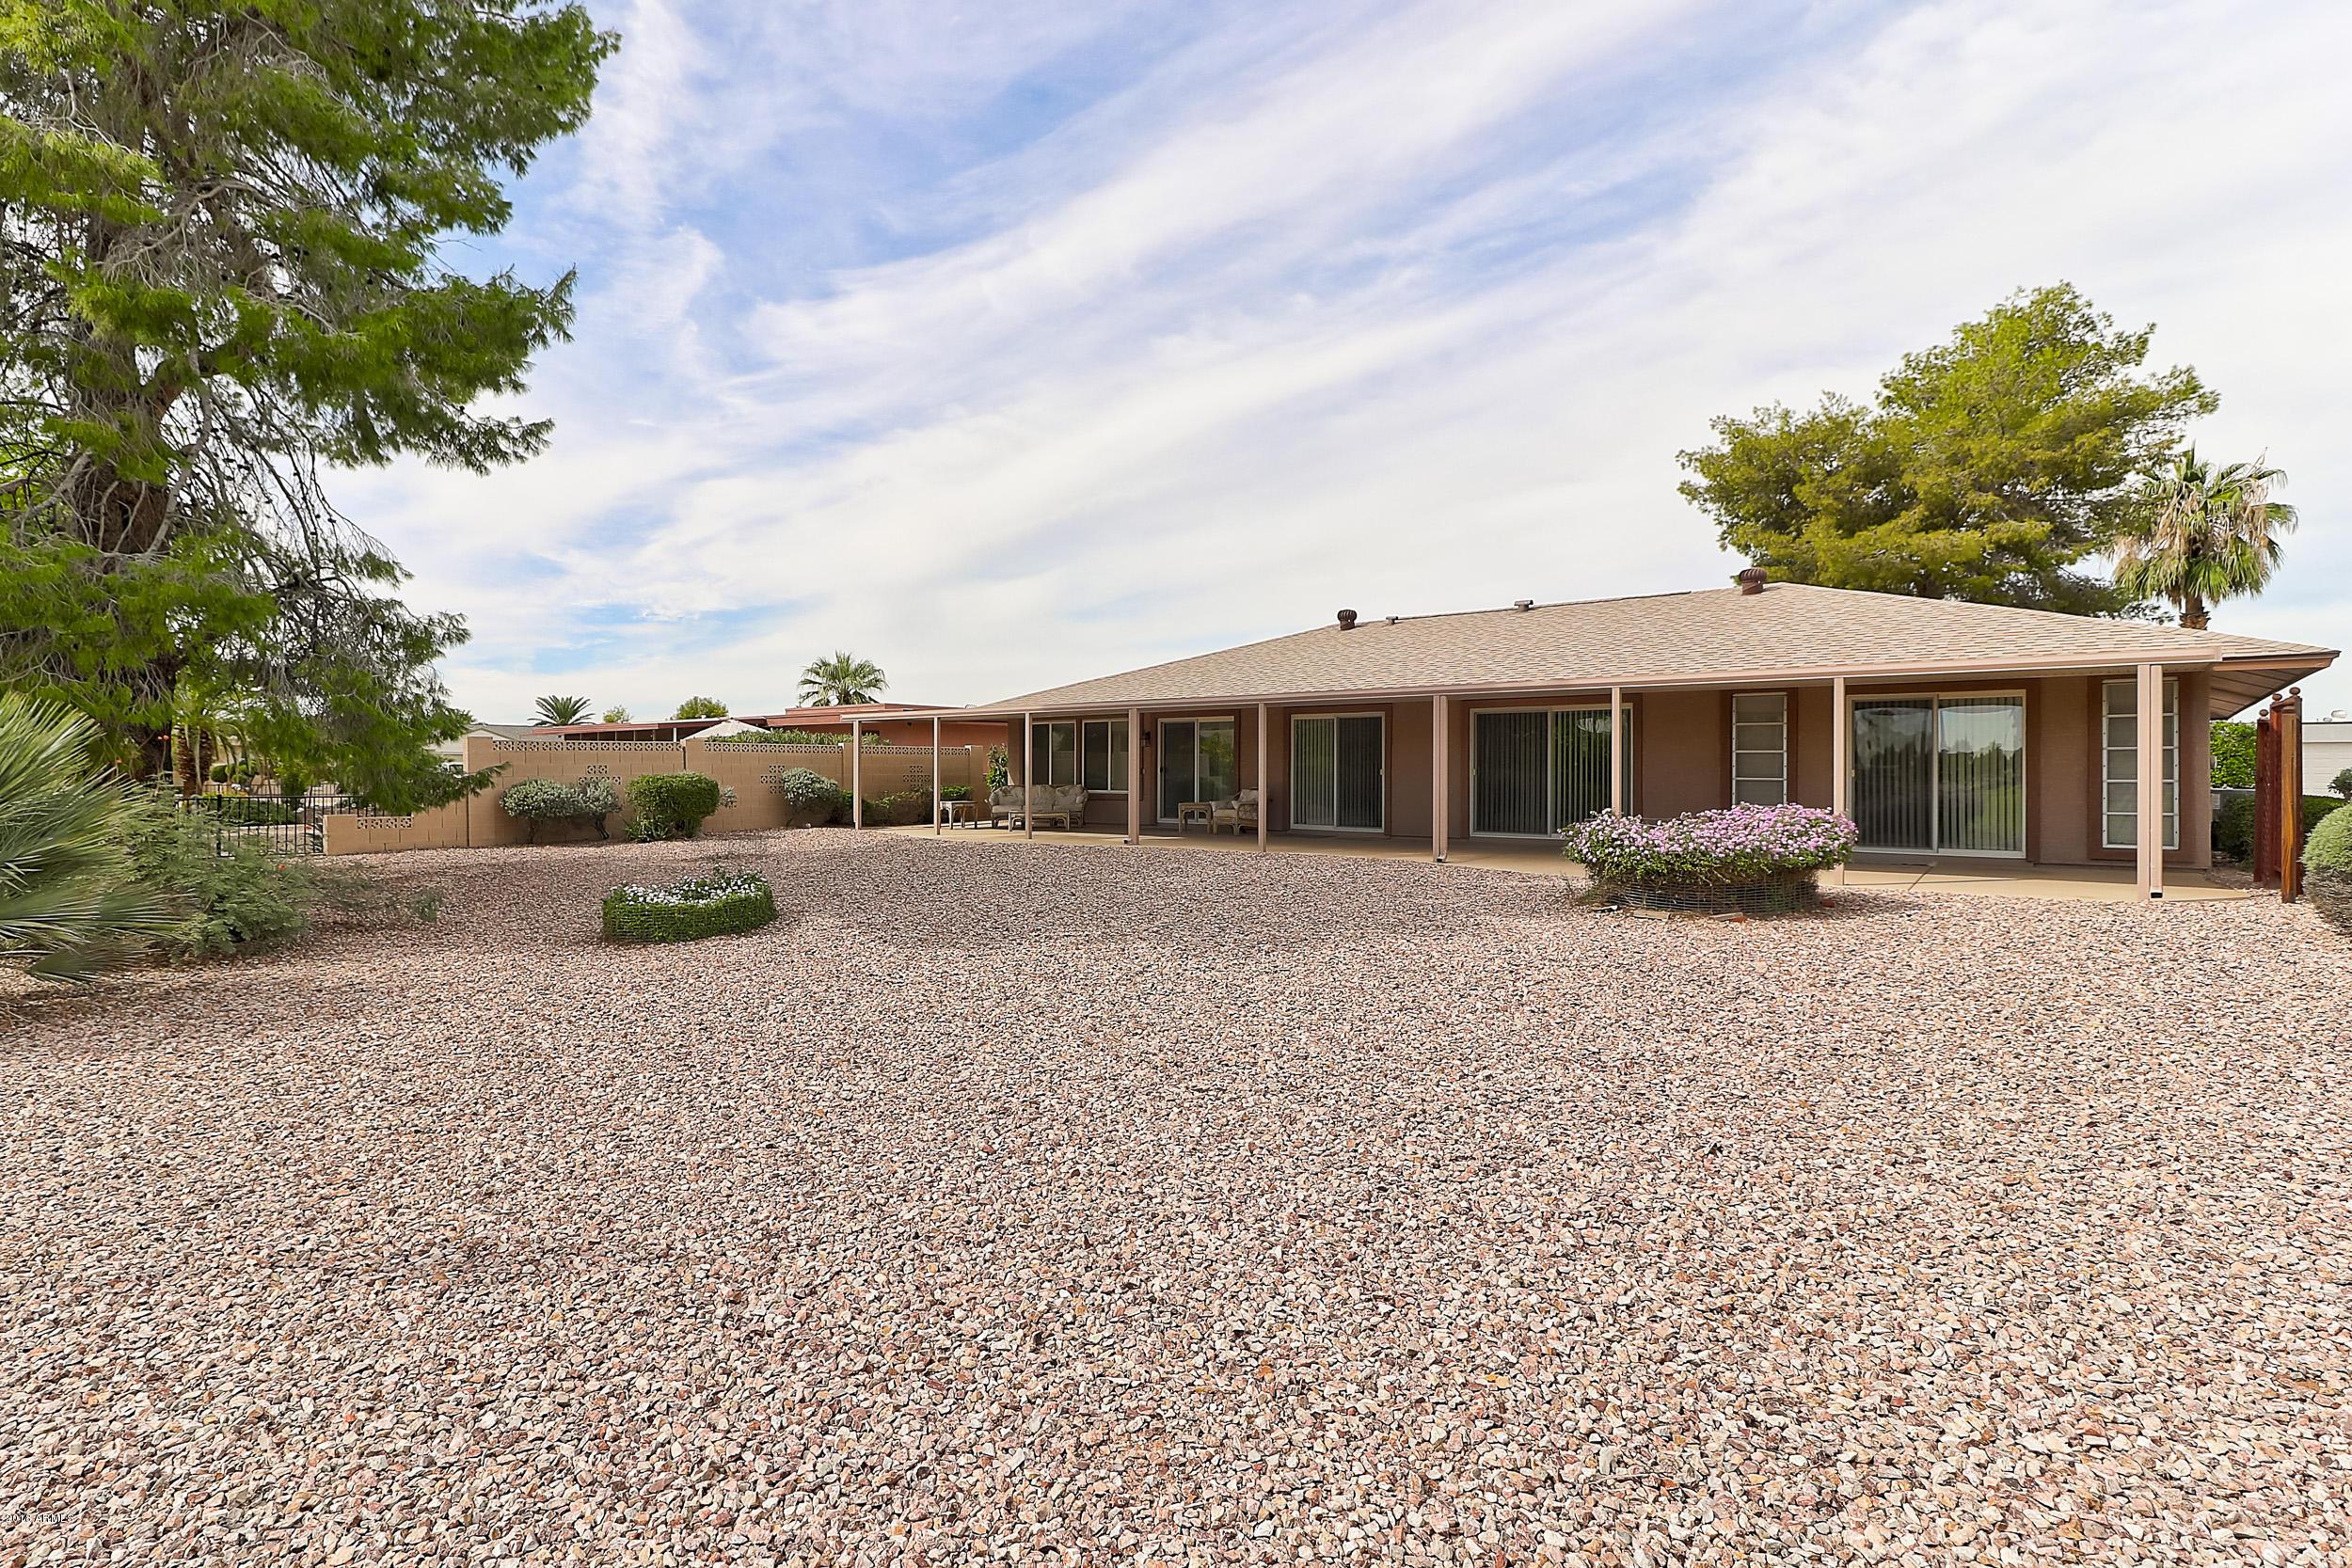 MLS 5837550 9817 W PINECREST Drive, Sun City, AZ 85351 Sun City AZ Three Bedroom